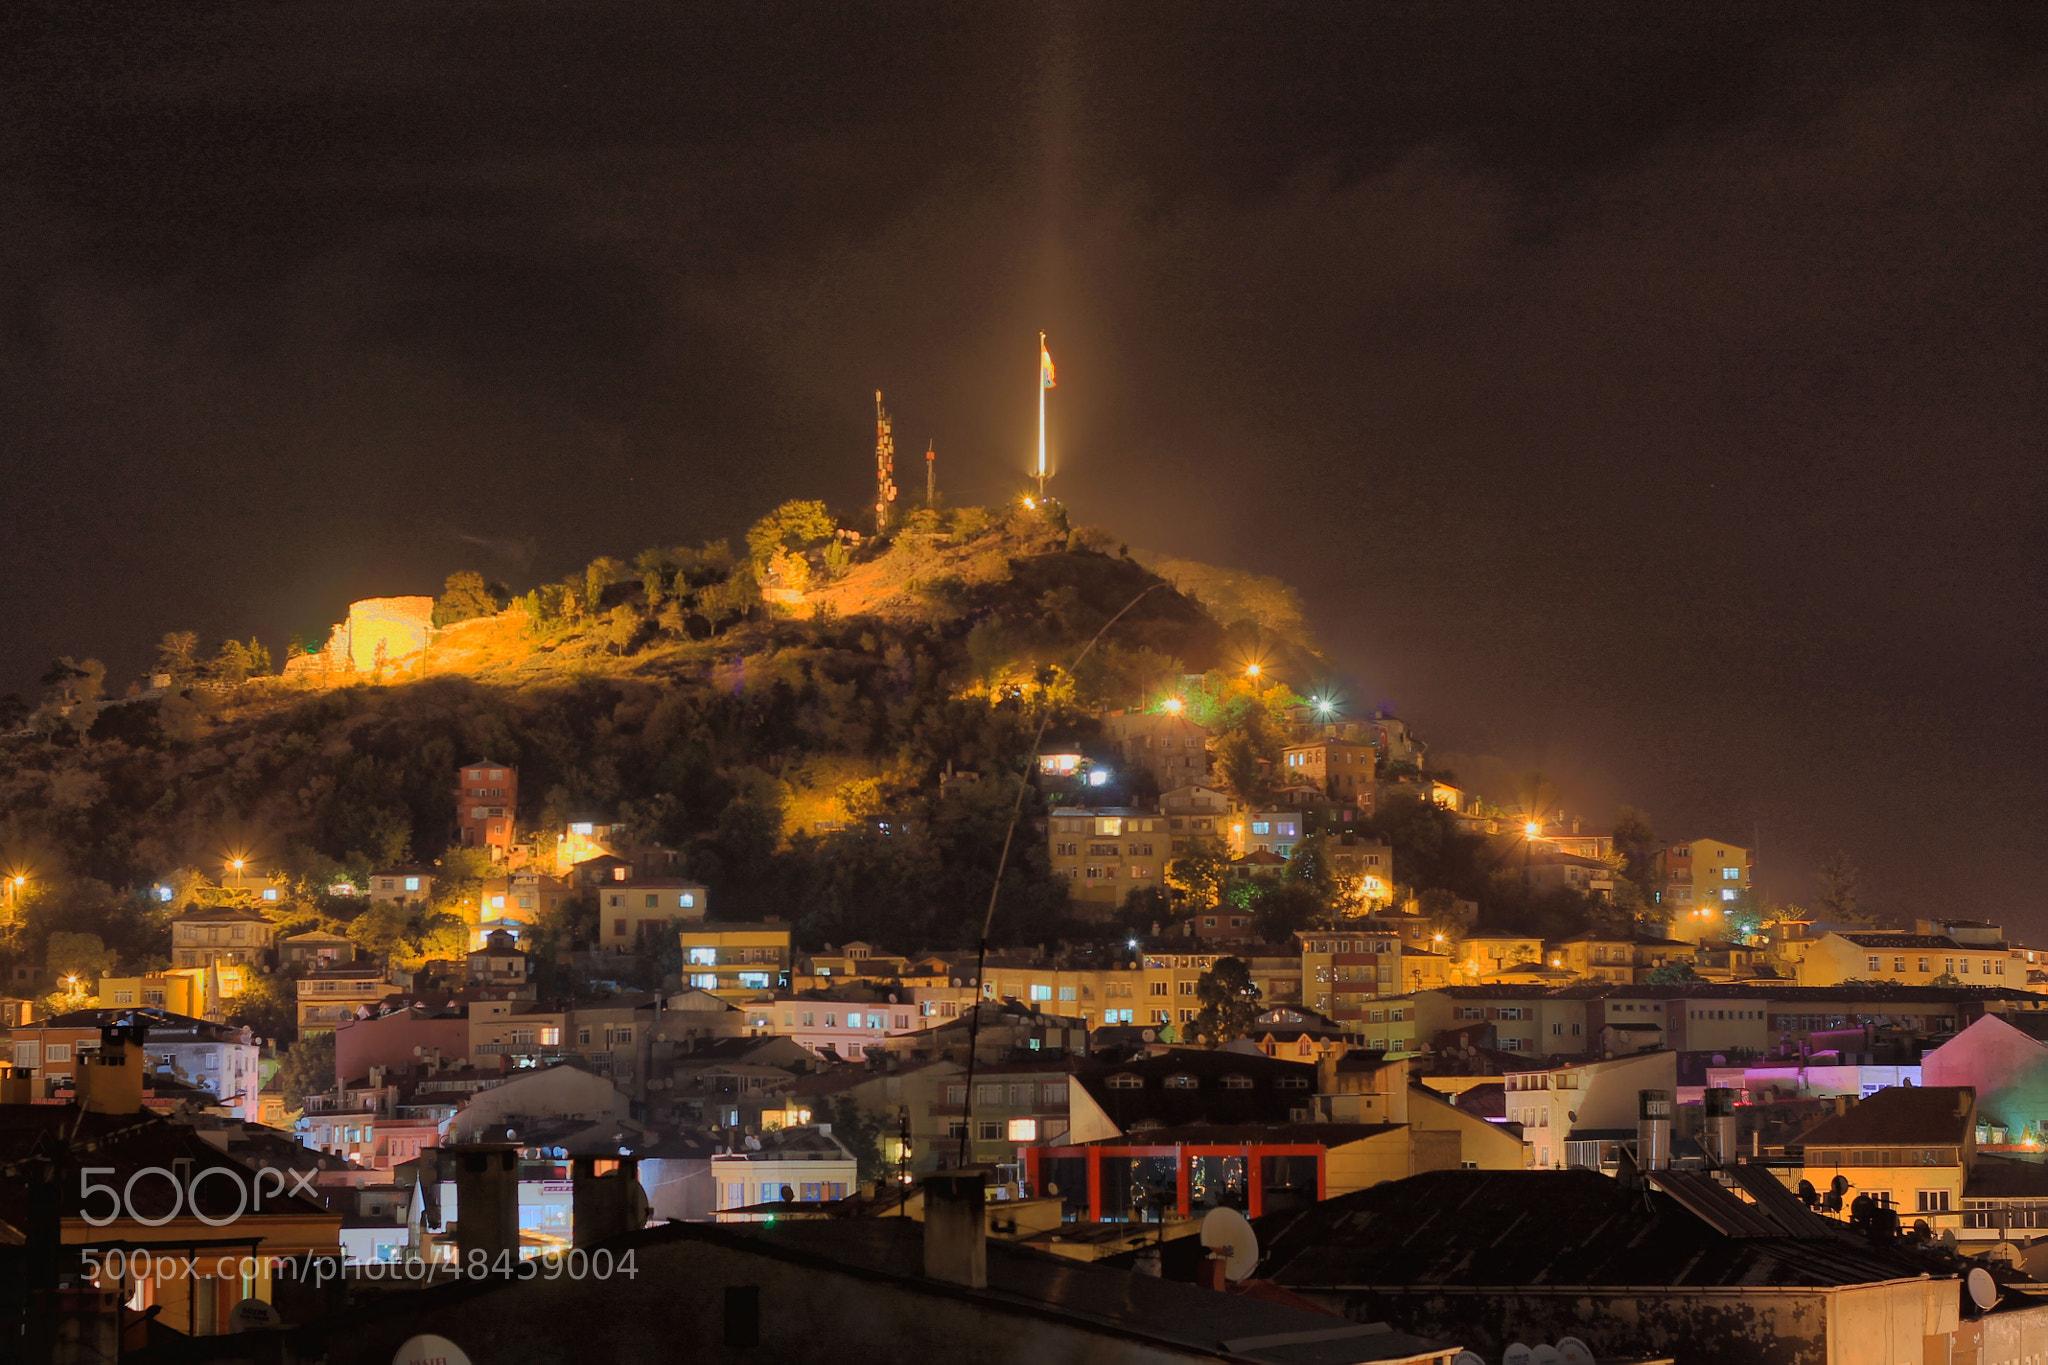 giresun castle by Yetkin Tozlu / 500px